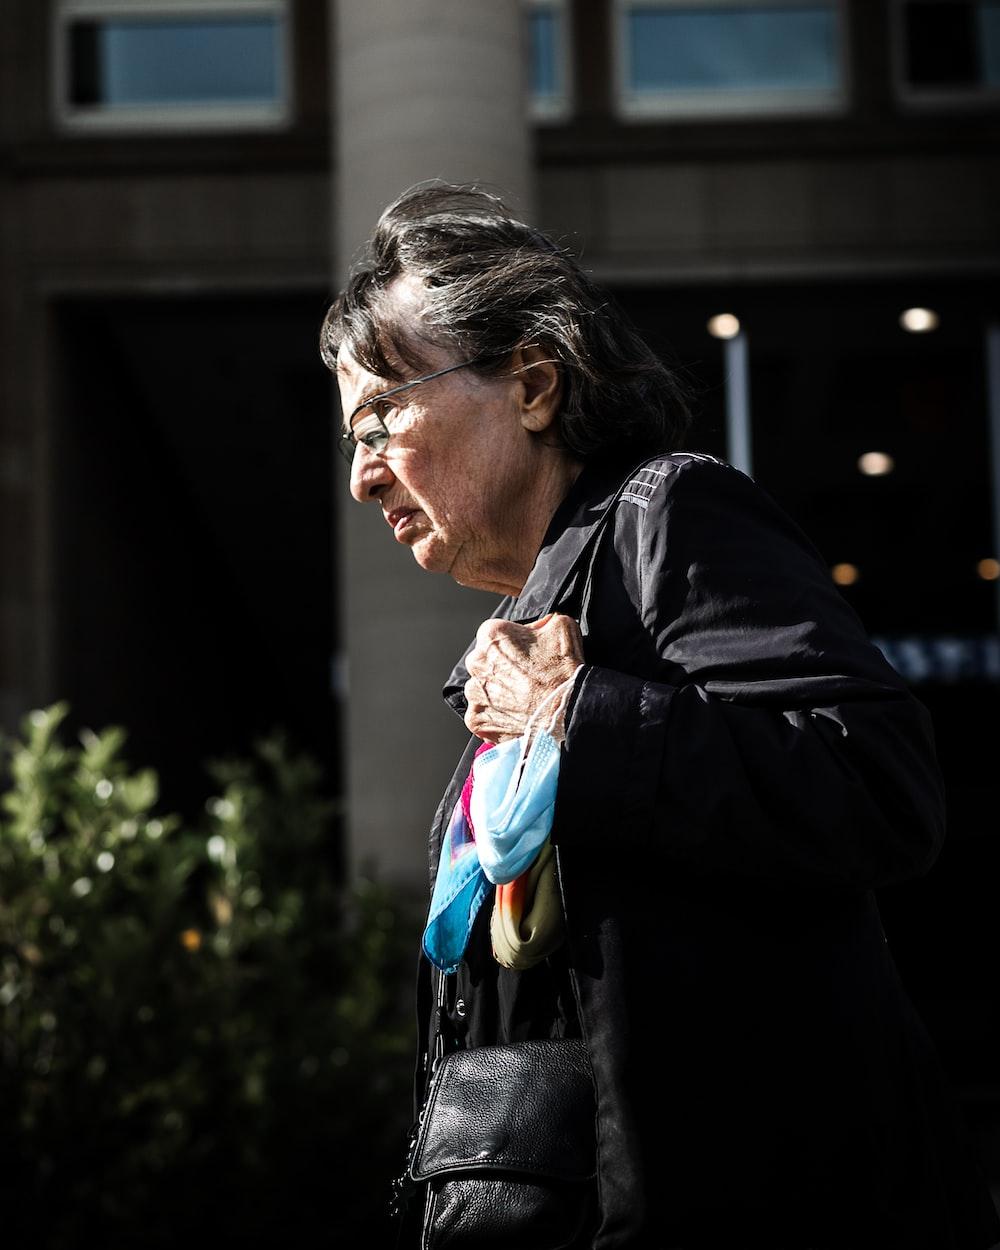 woman in black coat looking down